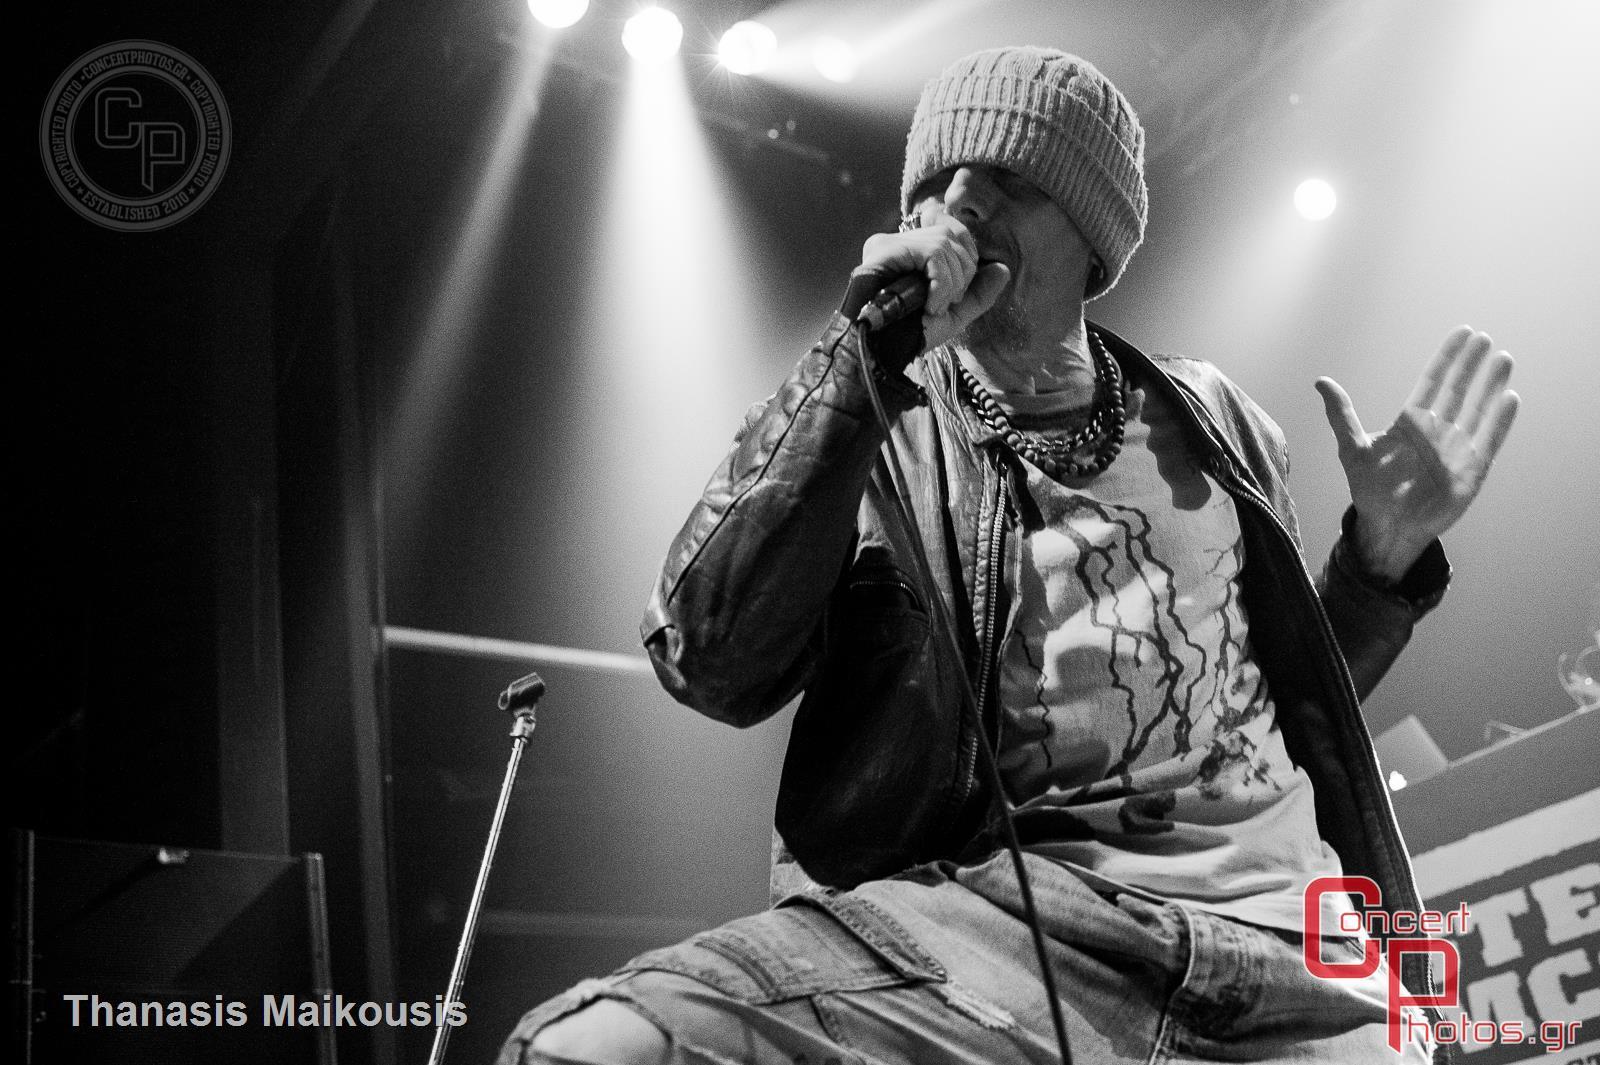 Stereo Mc's-Stereo Mcs photographer: Thanasis Maikousis - ConcertPhotos - 20141129_2307_39